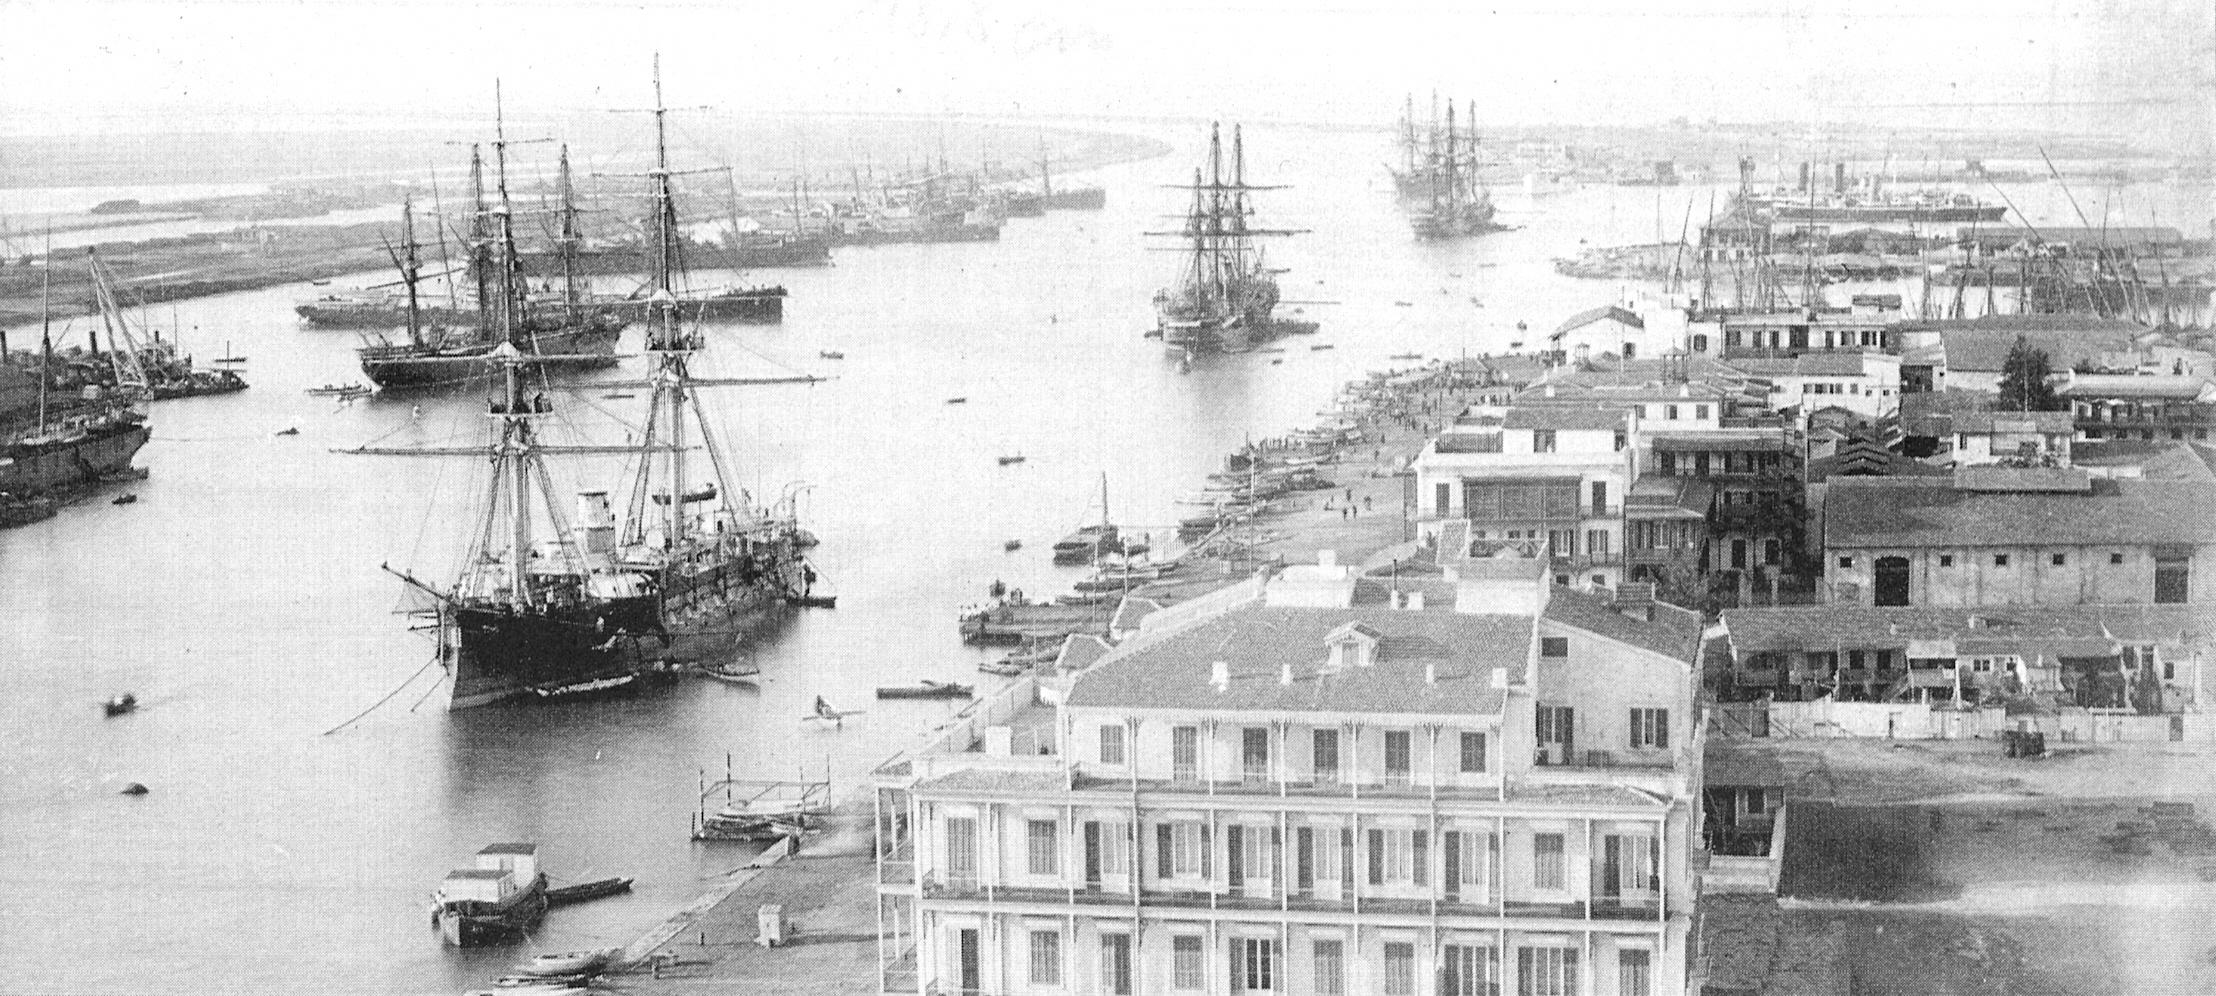 Suez canal, about 1880